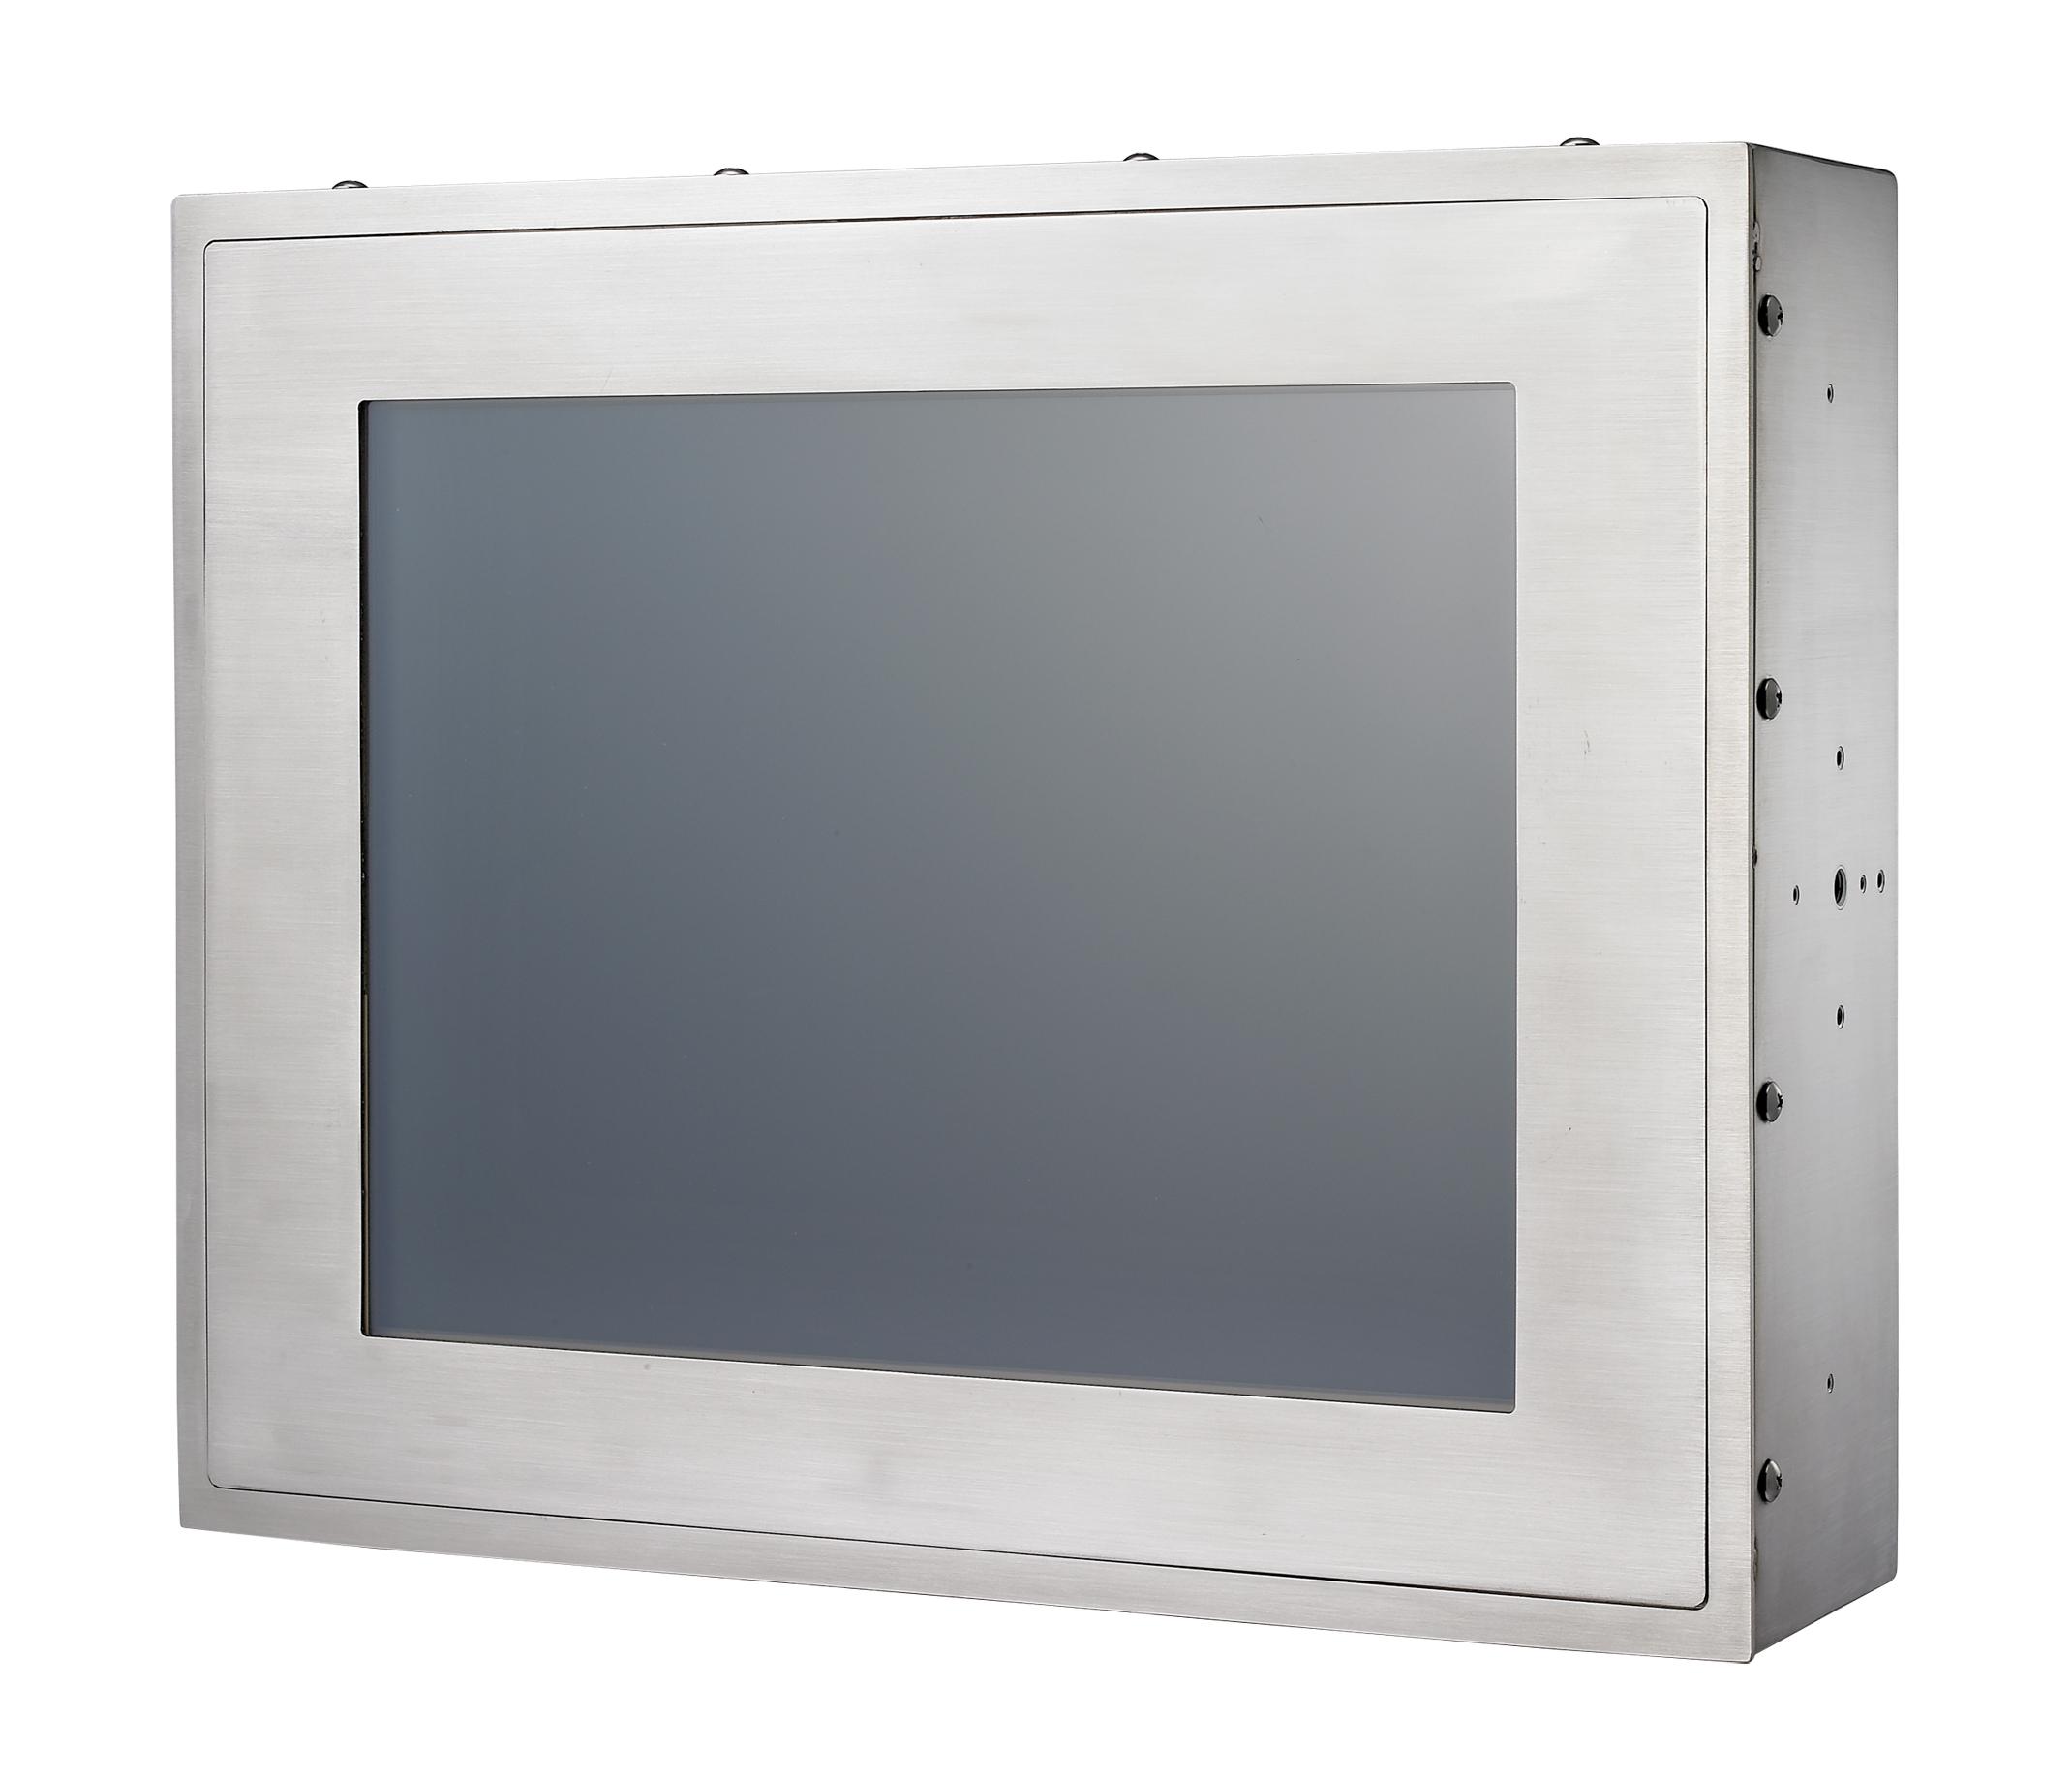 IP66級防水防塵及抗酸鹼腐蝕平板電腦